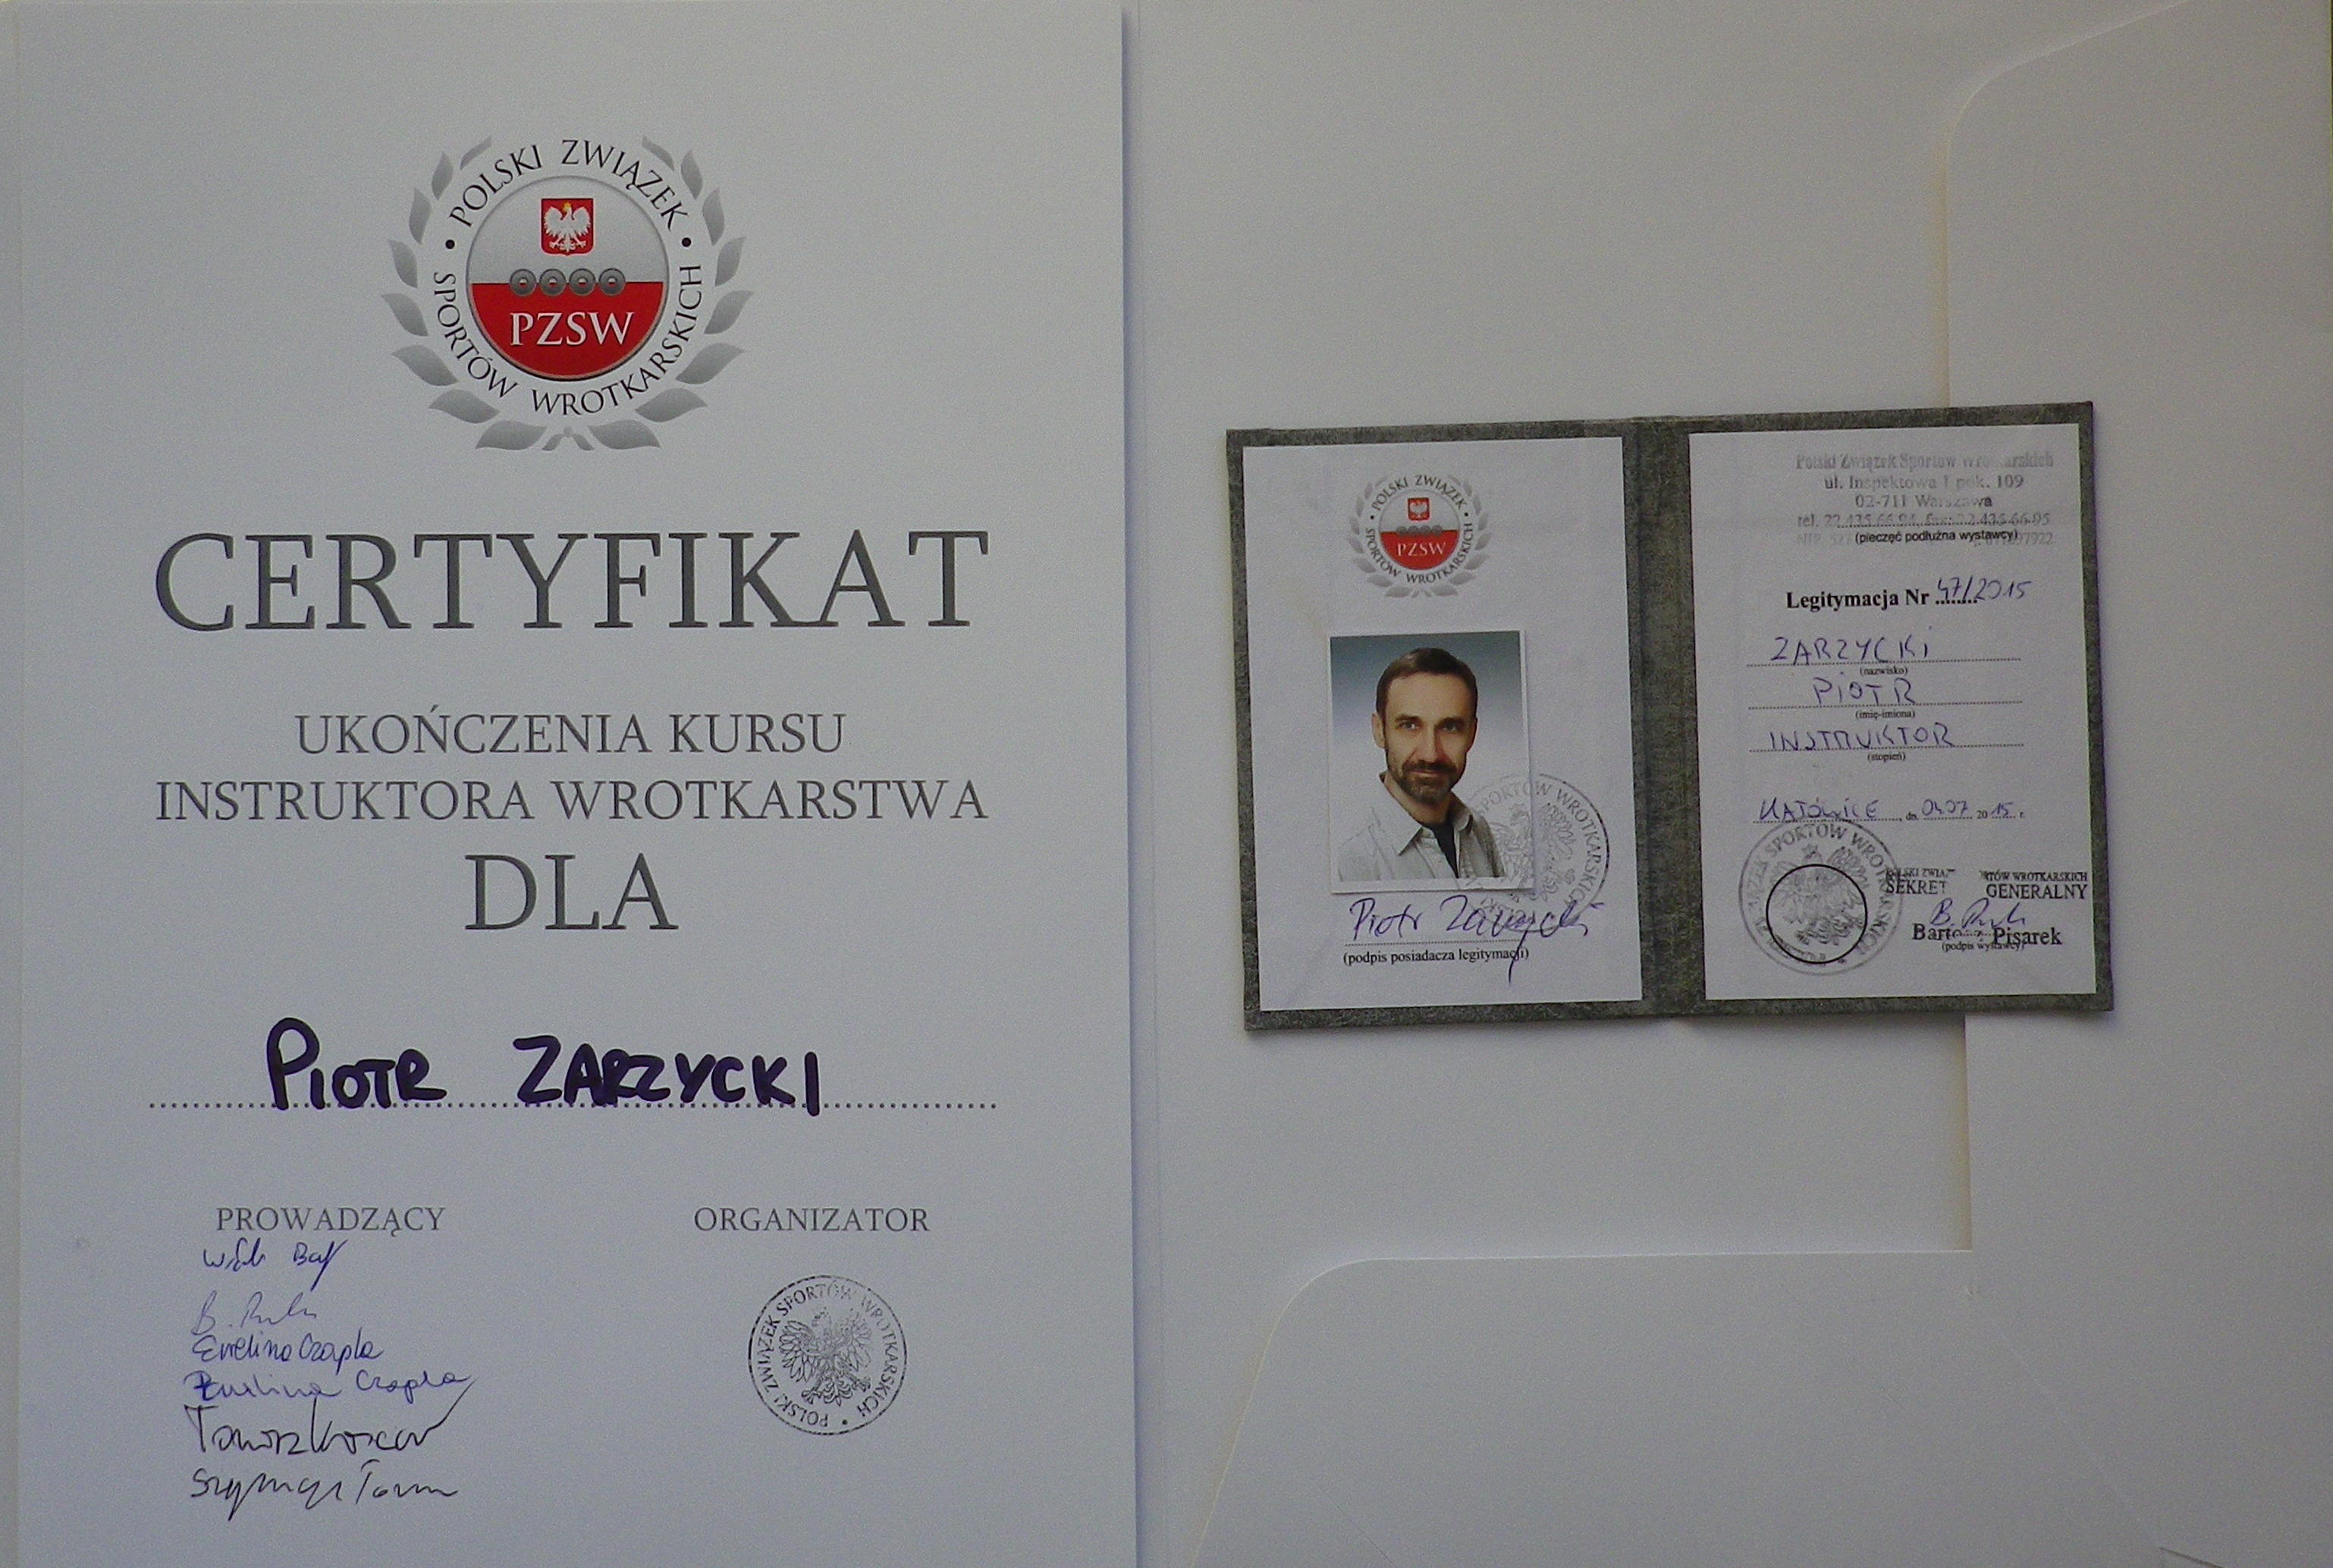 certyfikat i legitymacja